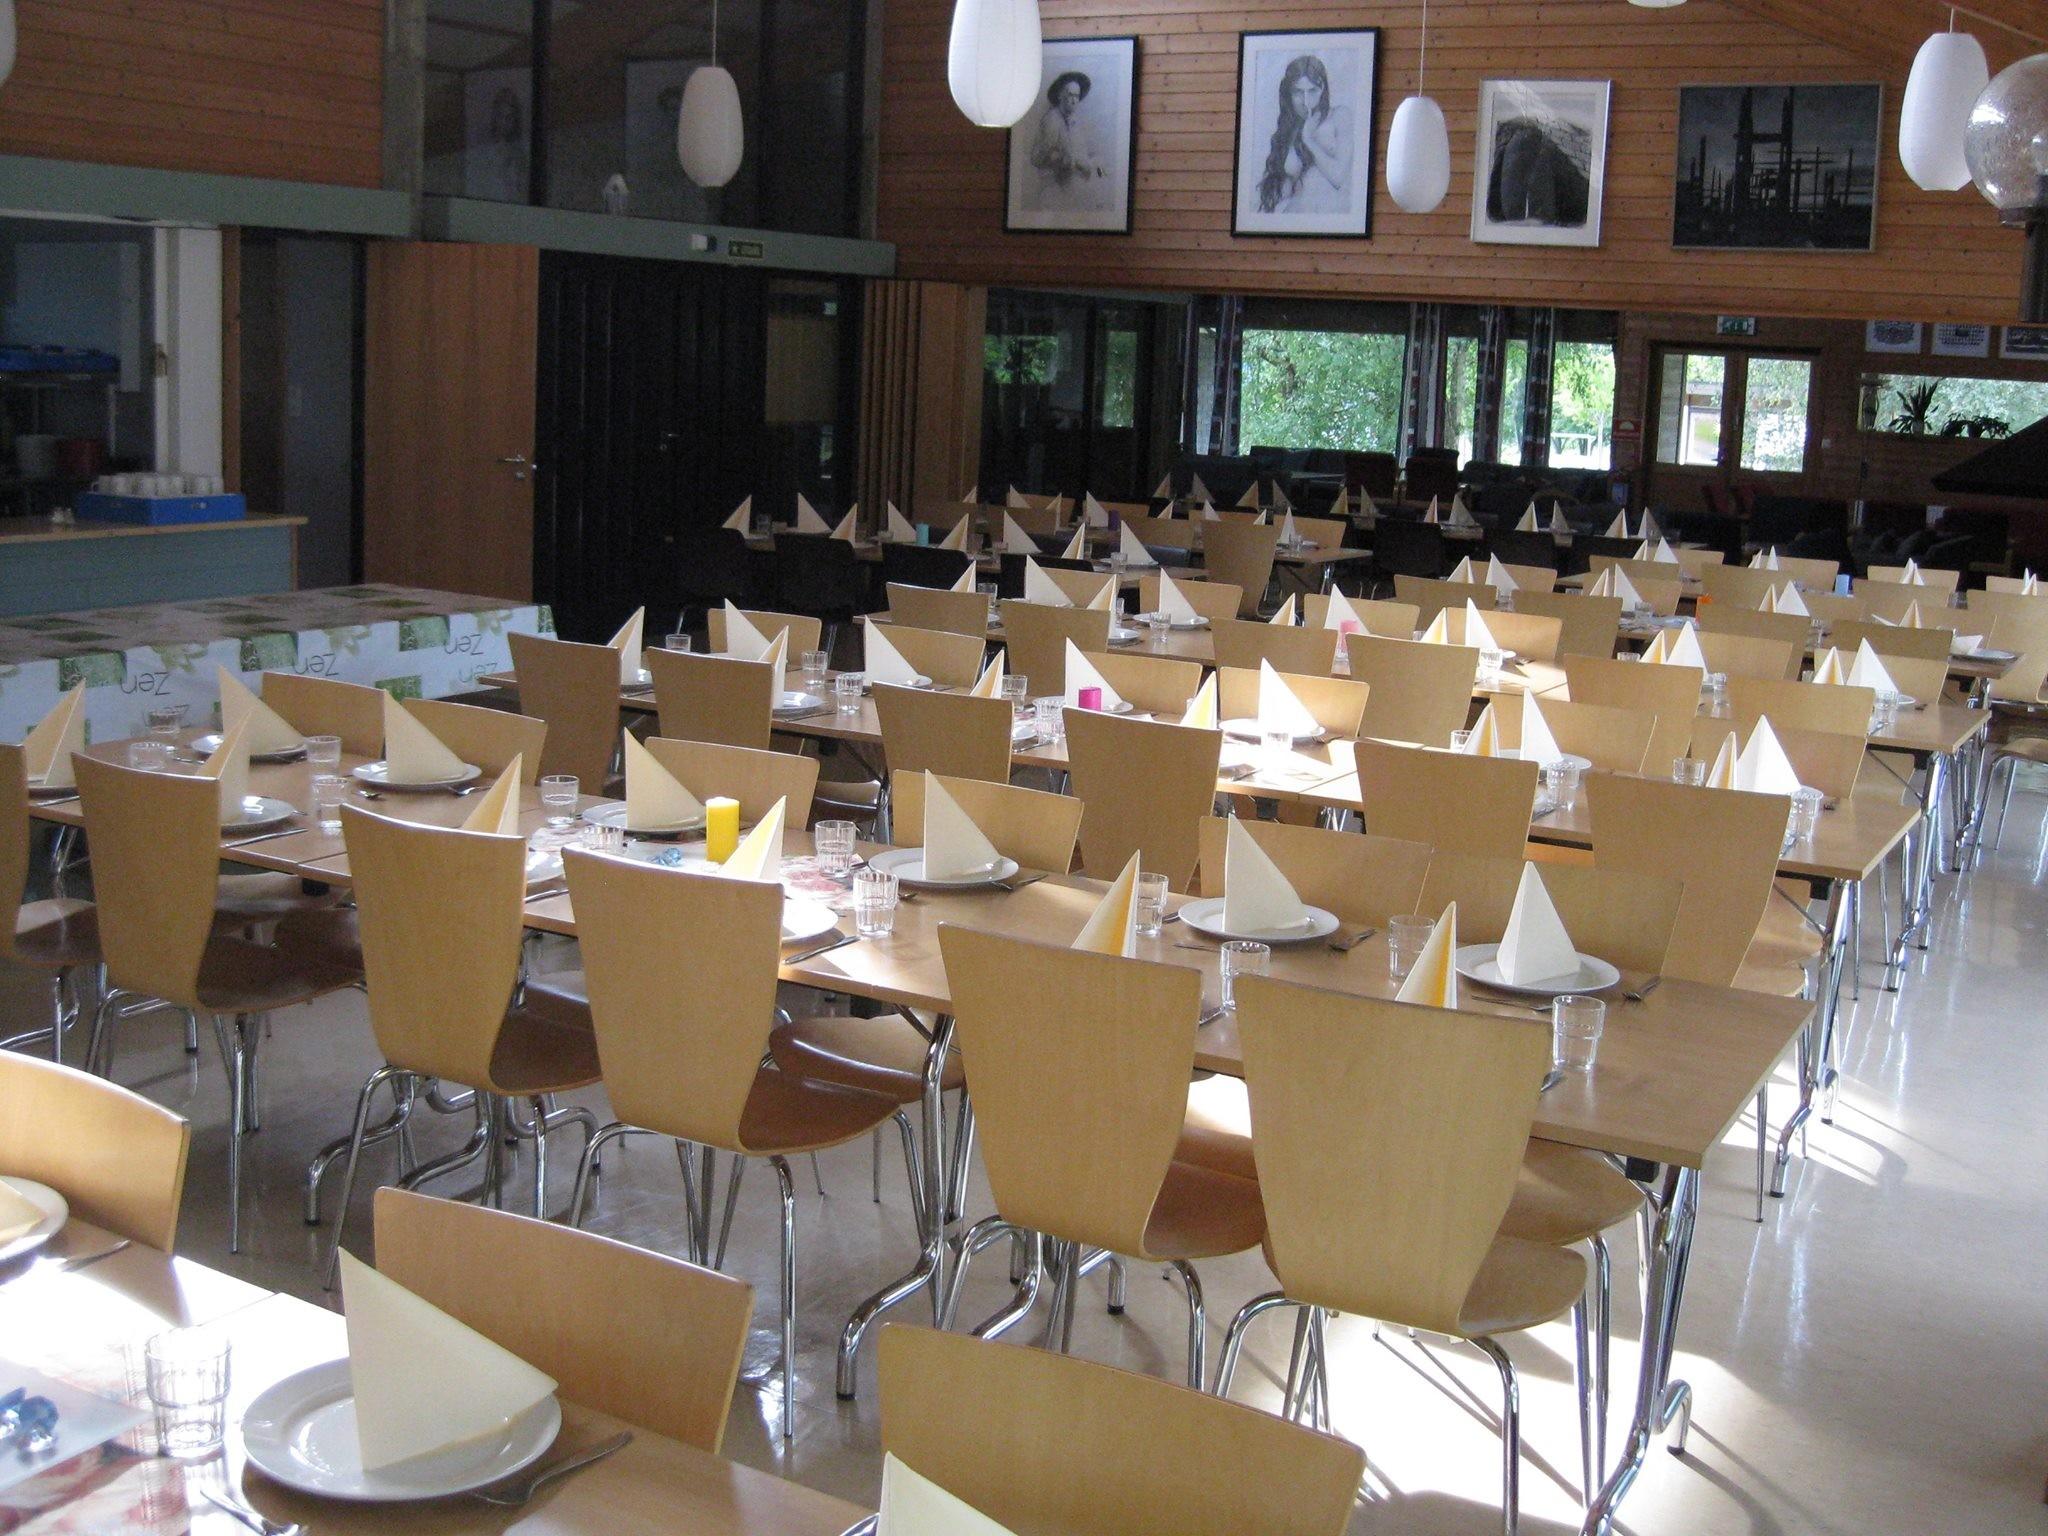 Matsalen - Fjordane folkehøgskule har eit særeige preg med eit hovudbygg og 9 paviljongar med plass til 10 elevar på kvar. Anlegget er arkitekttegnet og er holdt i stilen.I hovudbygget finn du matsalen, der du et frukost, middag og kvelds i lag med dei andre elevane på skulen. Du smør niste til lunsj, men kvar fredag har vi felleslunsj med både elevane og personalet. Her kan du også kose deg med ein kopp kaffi frå kaffimaskina vår eller ta deg ein kopp te.